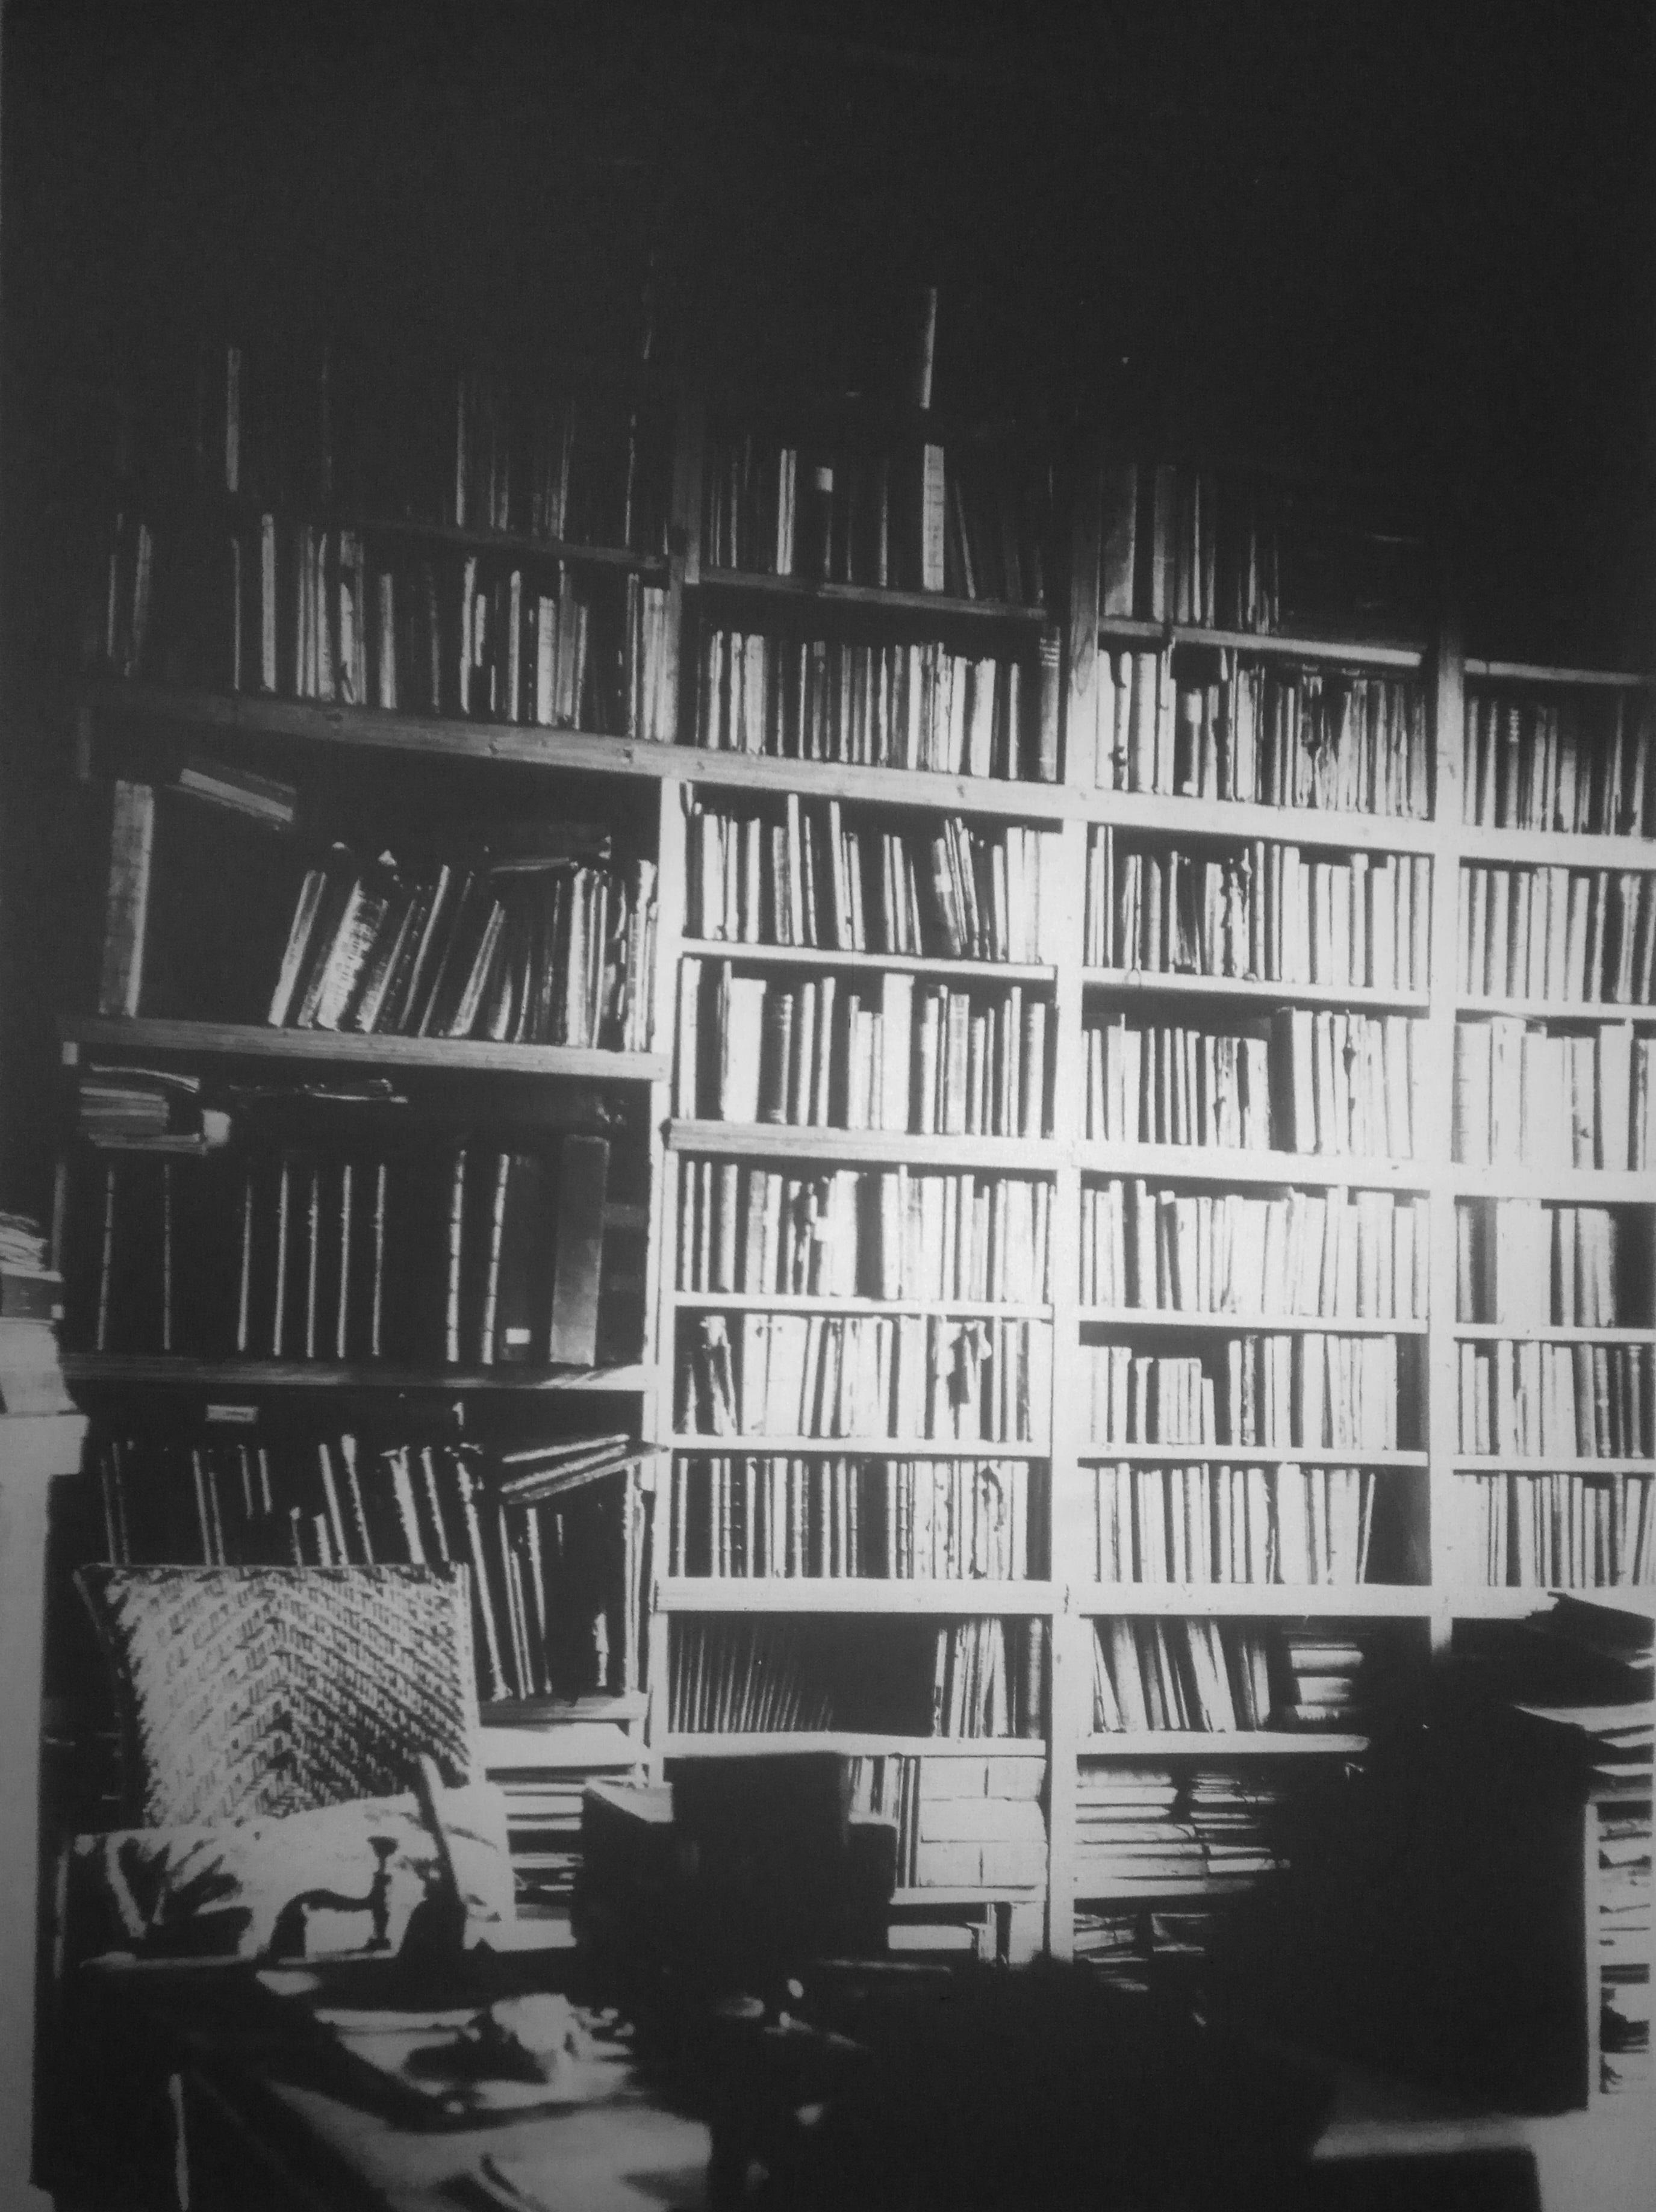 Экспозиция музея П.А.Кропоткина, рабочий кабинет, книжные полки, верстак